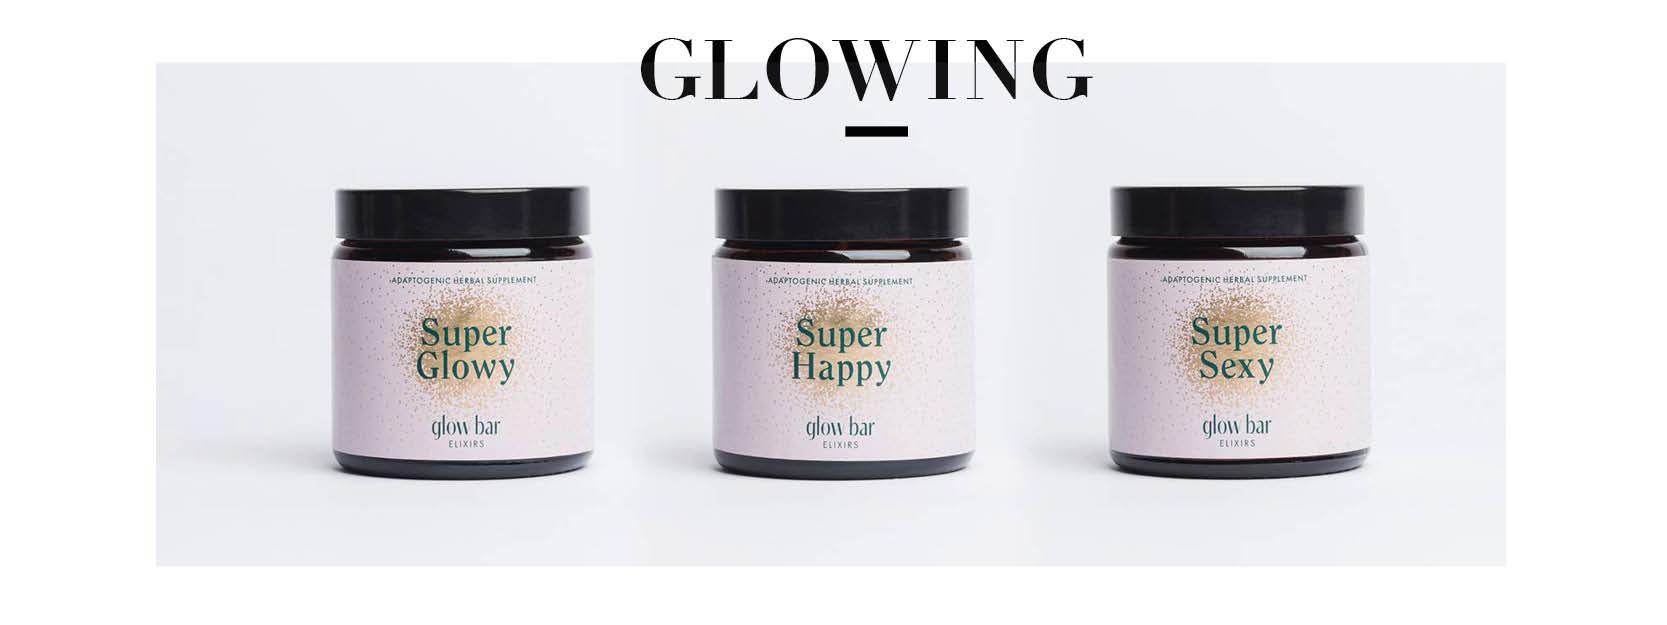 glow_blow_01_19_web3.jpg